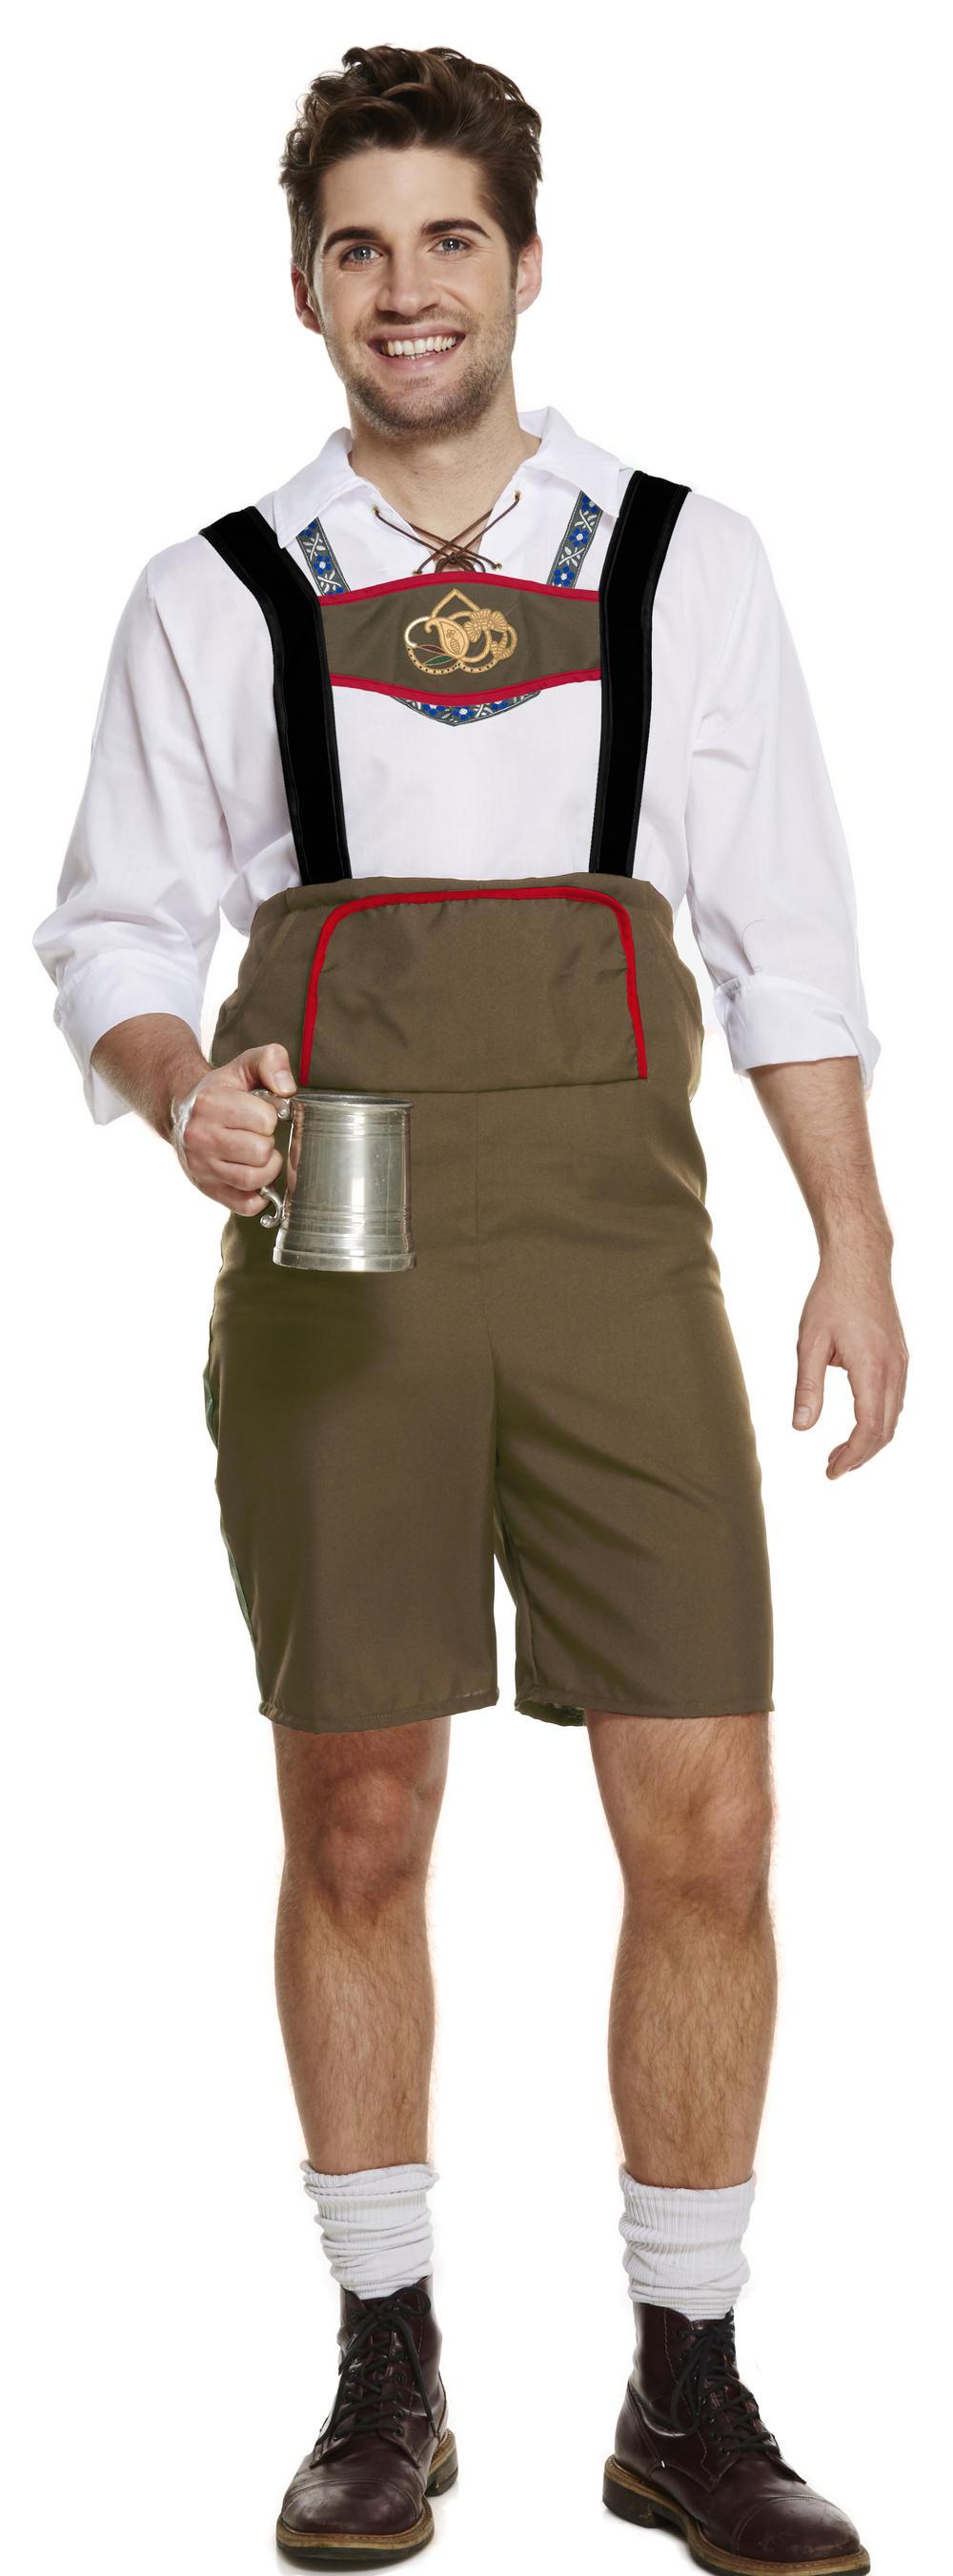 Bavarian Festival Man Costume